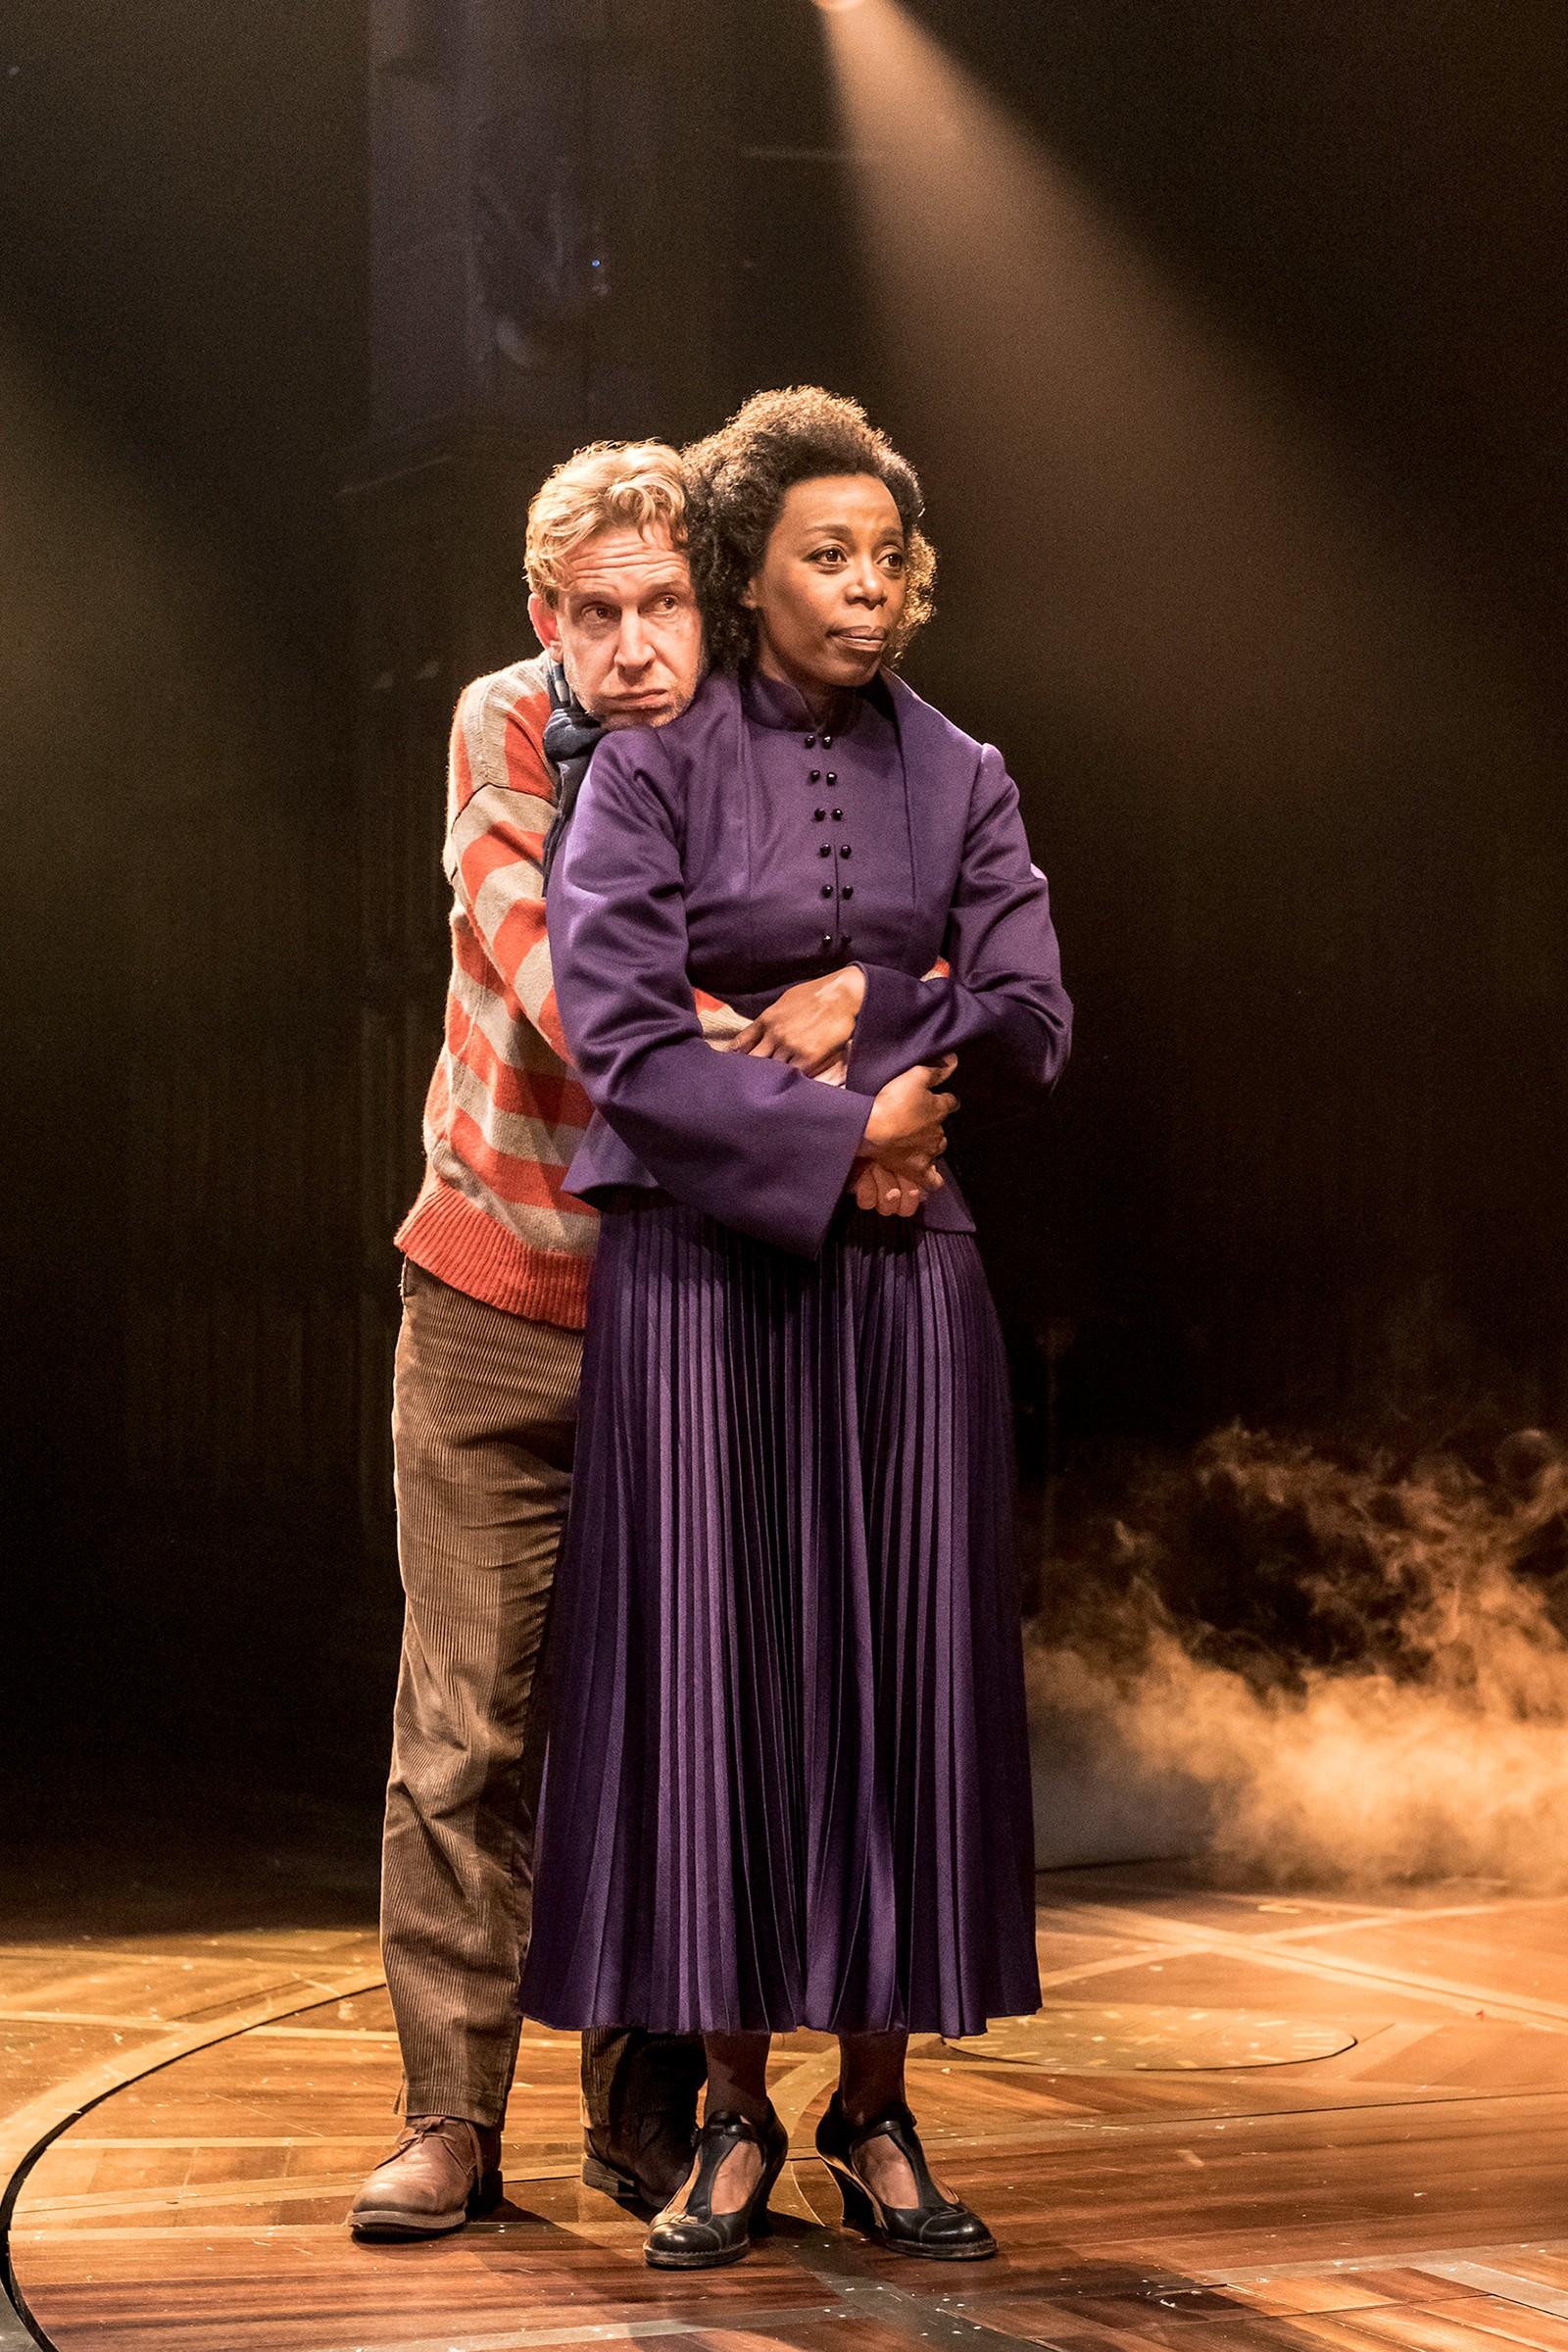 I NYE ROLLER: Hermine Grang (Noma Dumezweni) og Ronny Wiltersen (Paul Thornley) er blitt voksne og foreldre når de entrer teaterscenen.